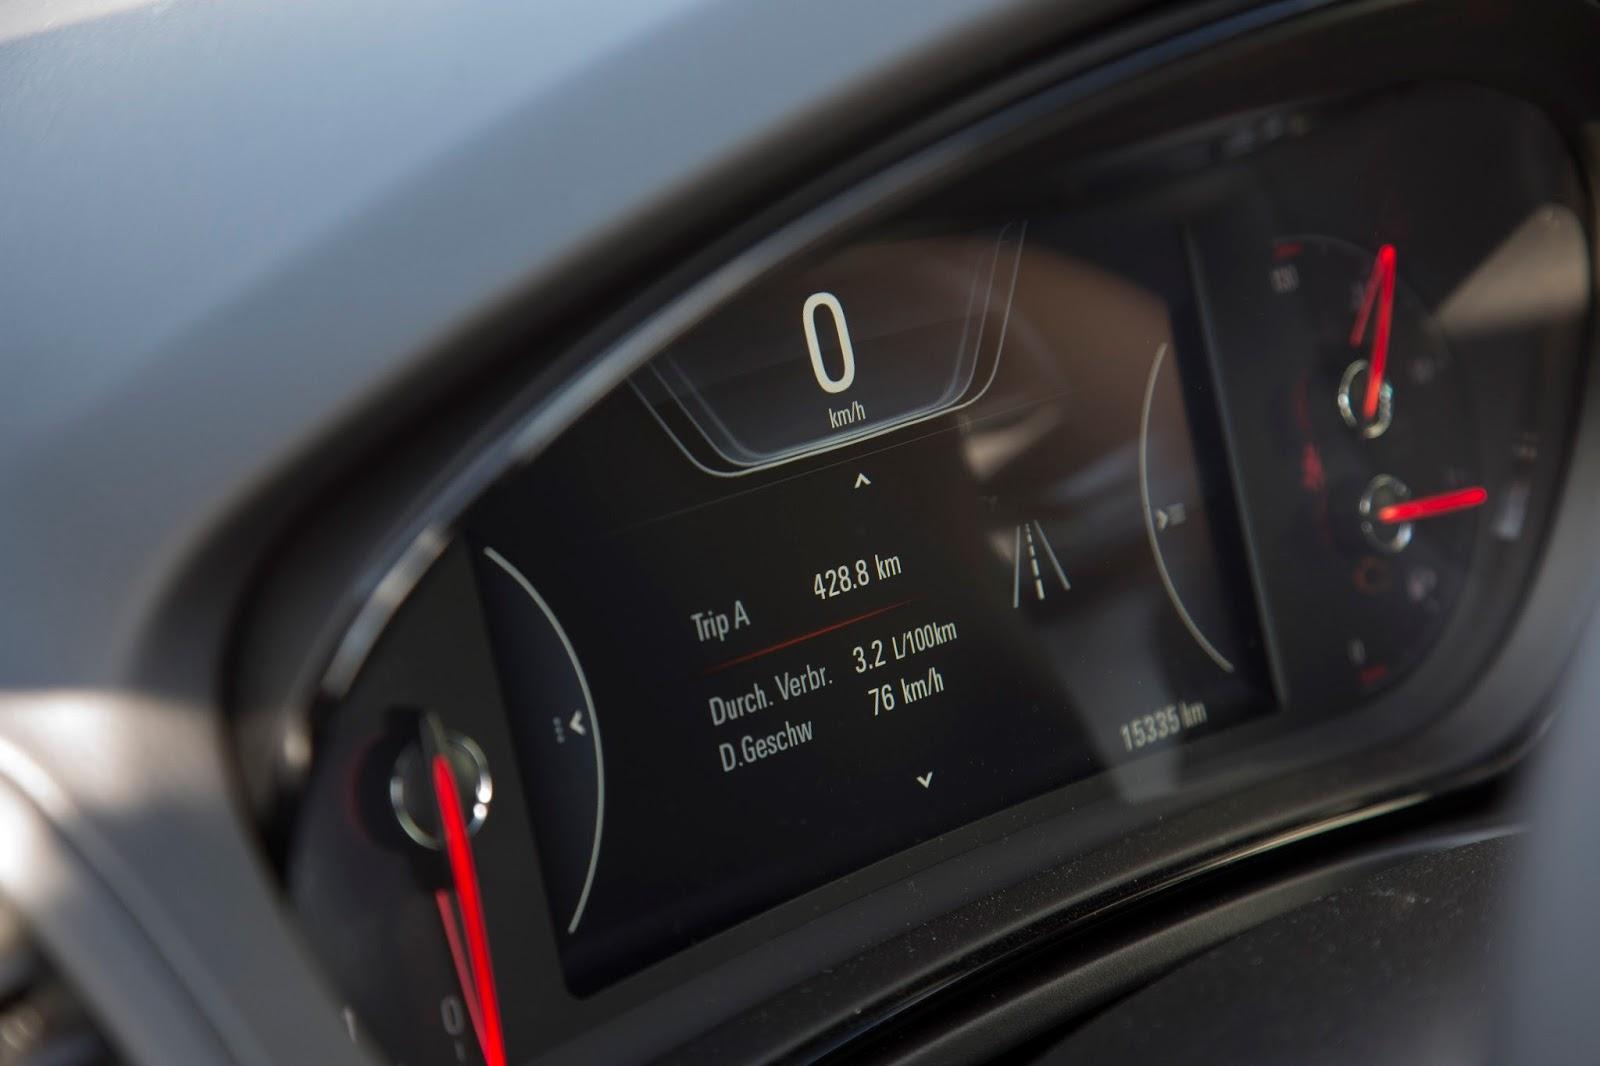 Opel Insignia 300800 Το Opel Insignia 1.6 CDTI ecoFLEX έσπάσε το φράγμα των 2.000 km με ένα ρεζερβουάρ καυσίμου economy, Opel, Opel Insignia, Opel Insignia 1.6 CDTI ecoFLEX, sedan, Ρεκόρ